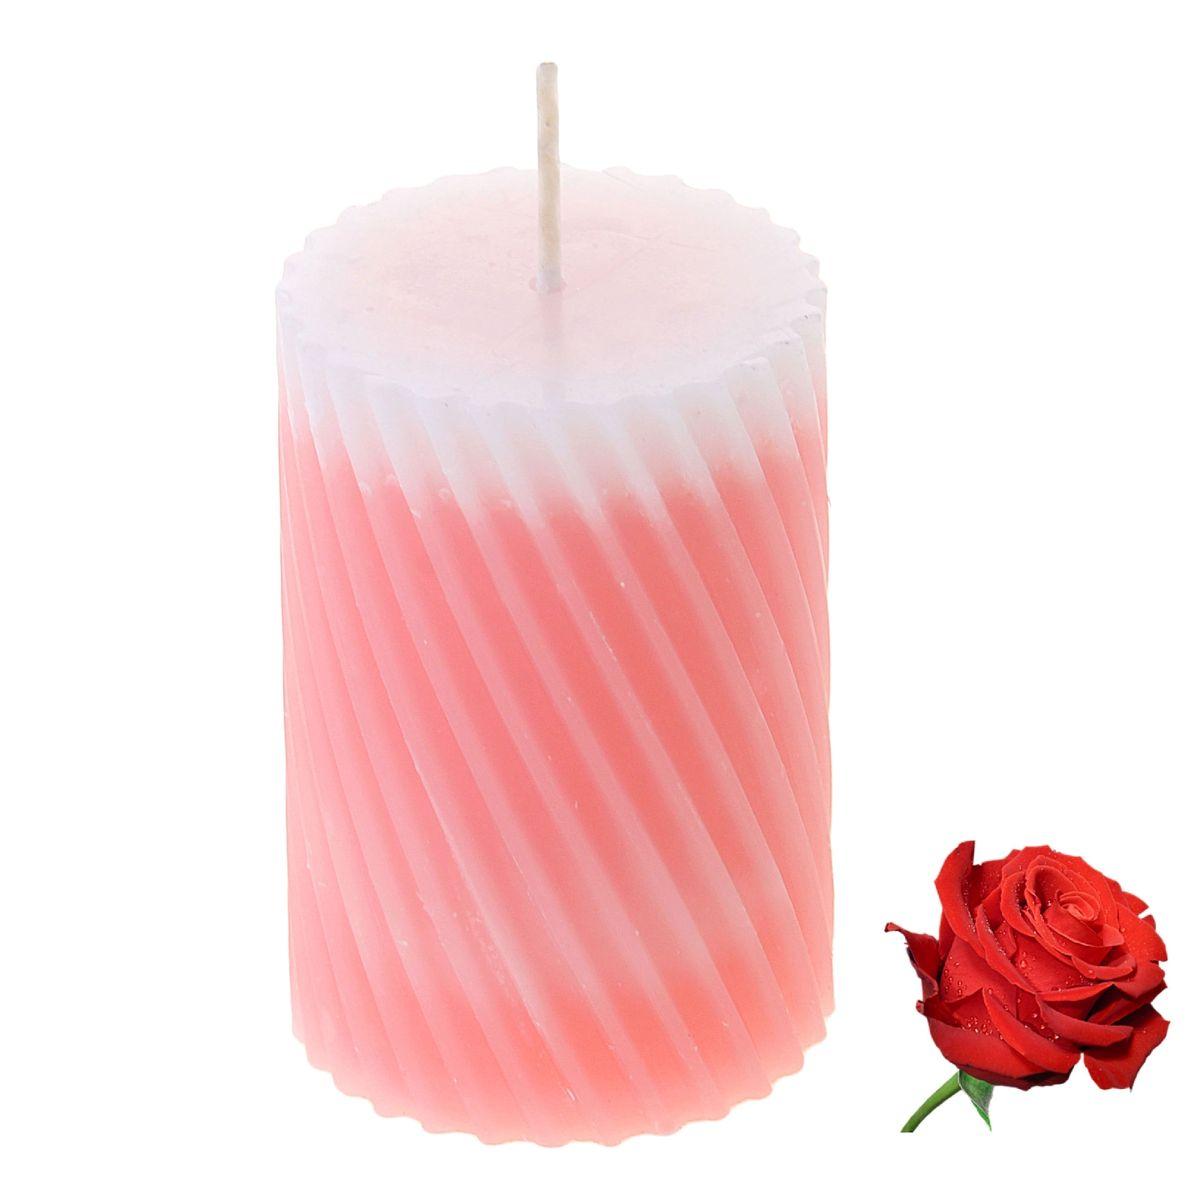 Свеча ароматизированная Sima-land Роза, высота 7,5 см. 849540 свеча ароматизированная sima land лимон на подставке высота 6 см